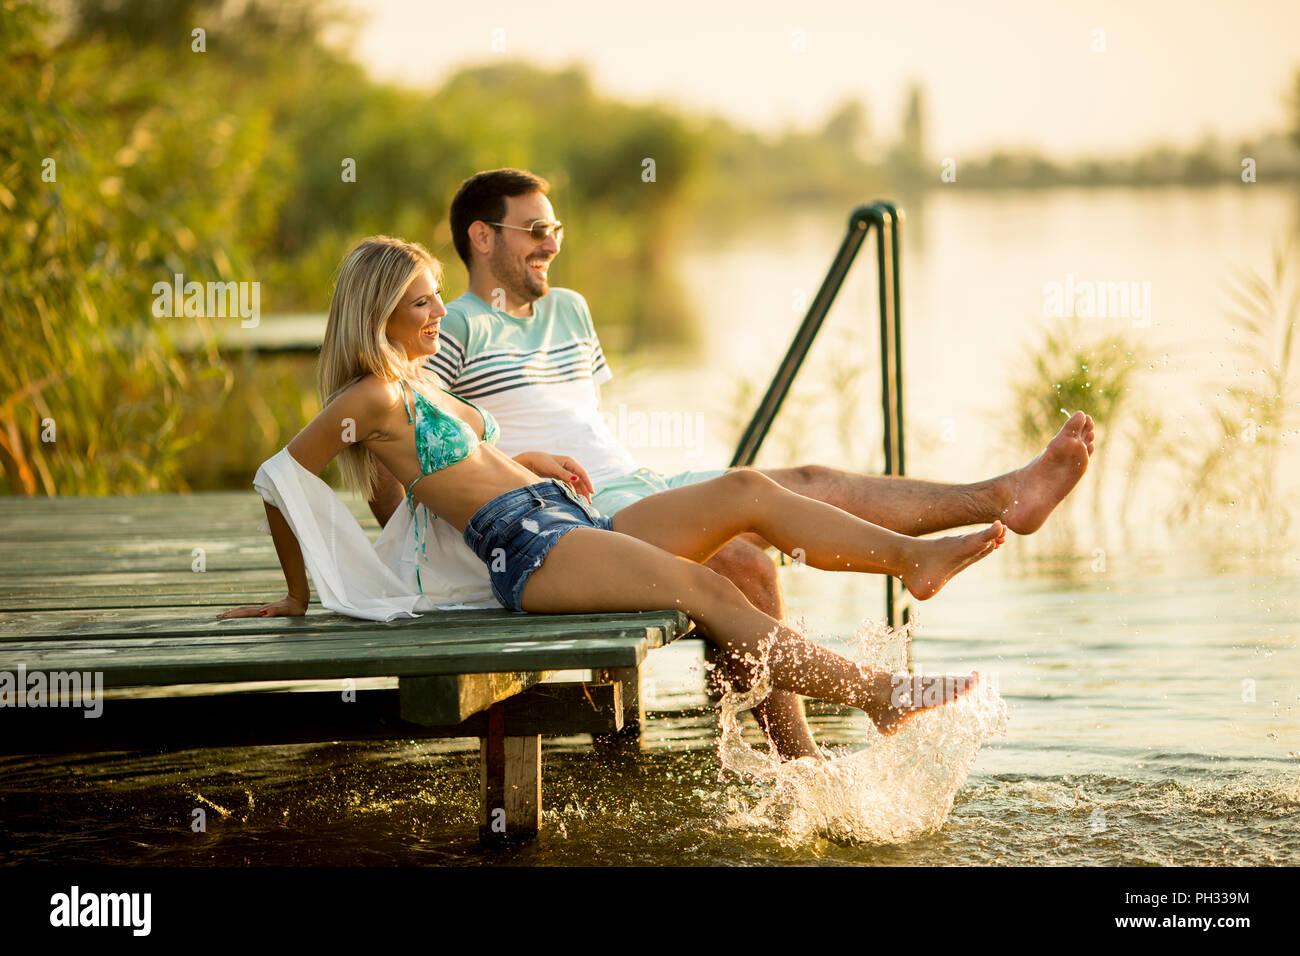 Pareja romántica sentado en el muelle de madera en el lago día soleado Foto de stock